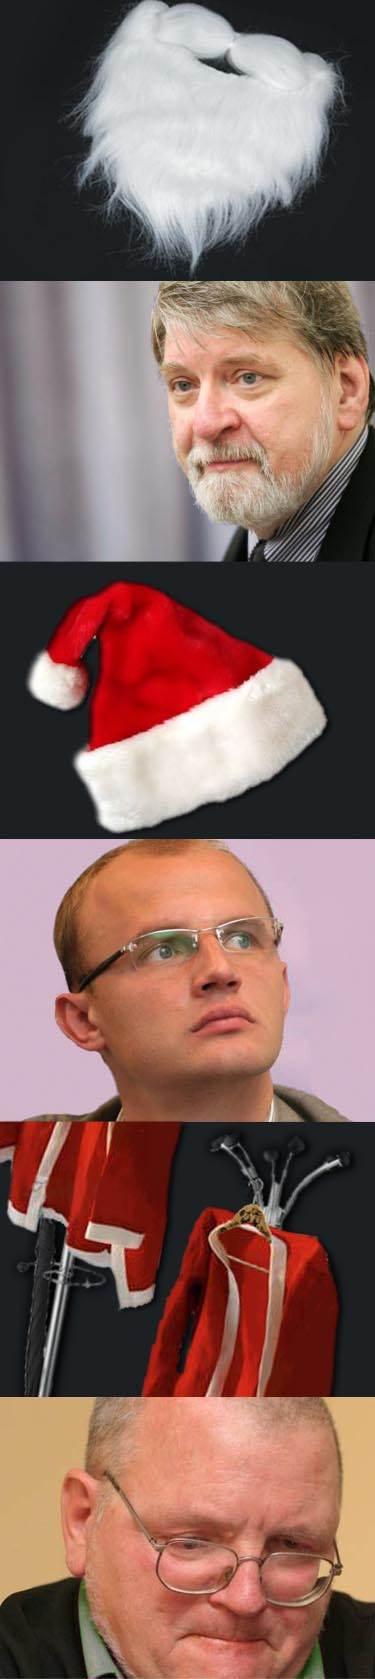 Ne vienam per Kalėdas tenka apsivilkti šventinius kailinius ir pasirišti baltą barzdą – straipsnį iliustruoja K. Tomkevičiūtės fotomontažas.